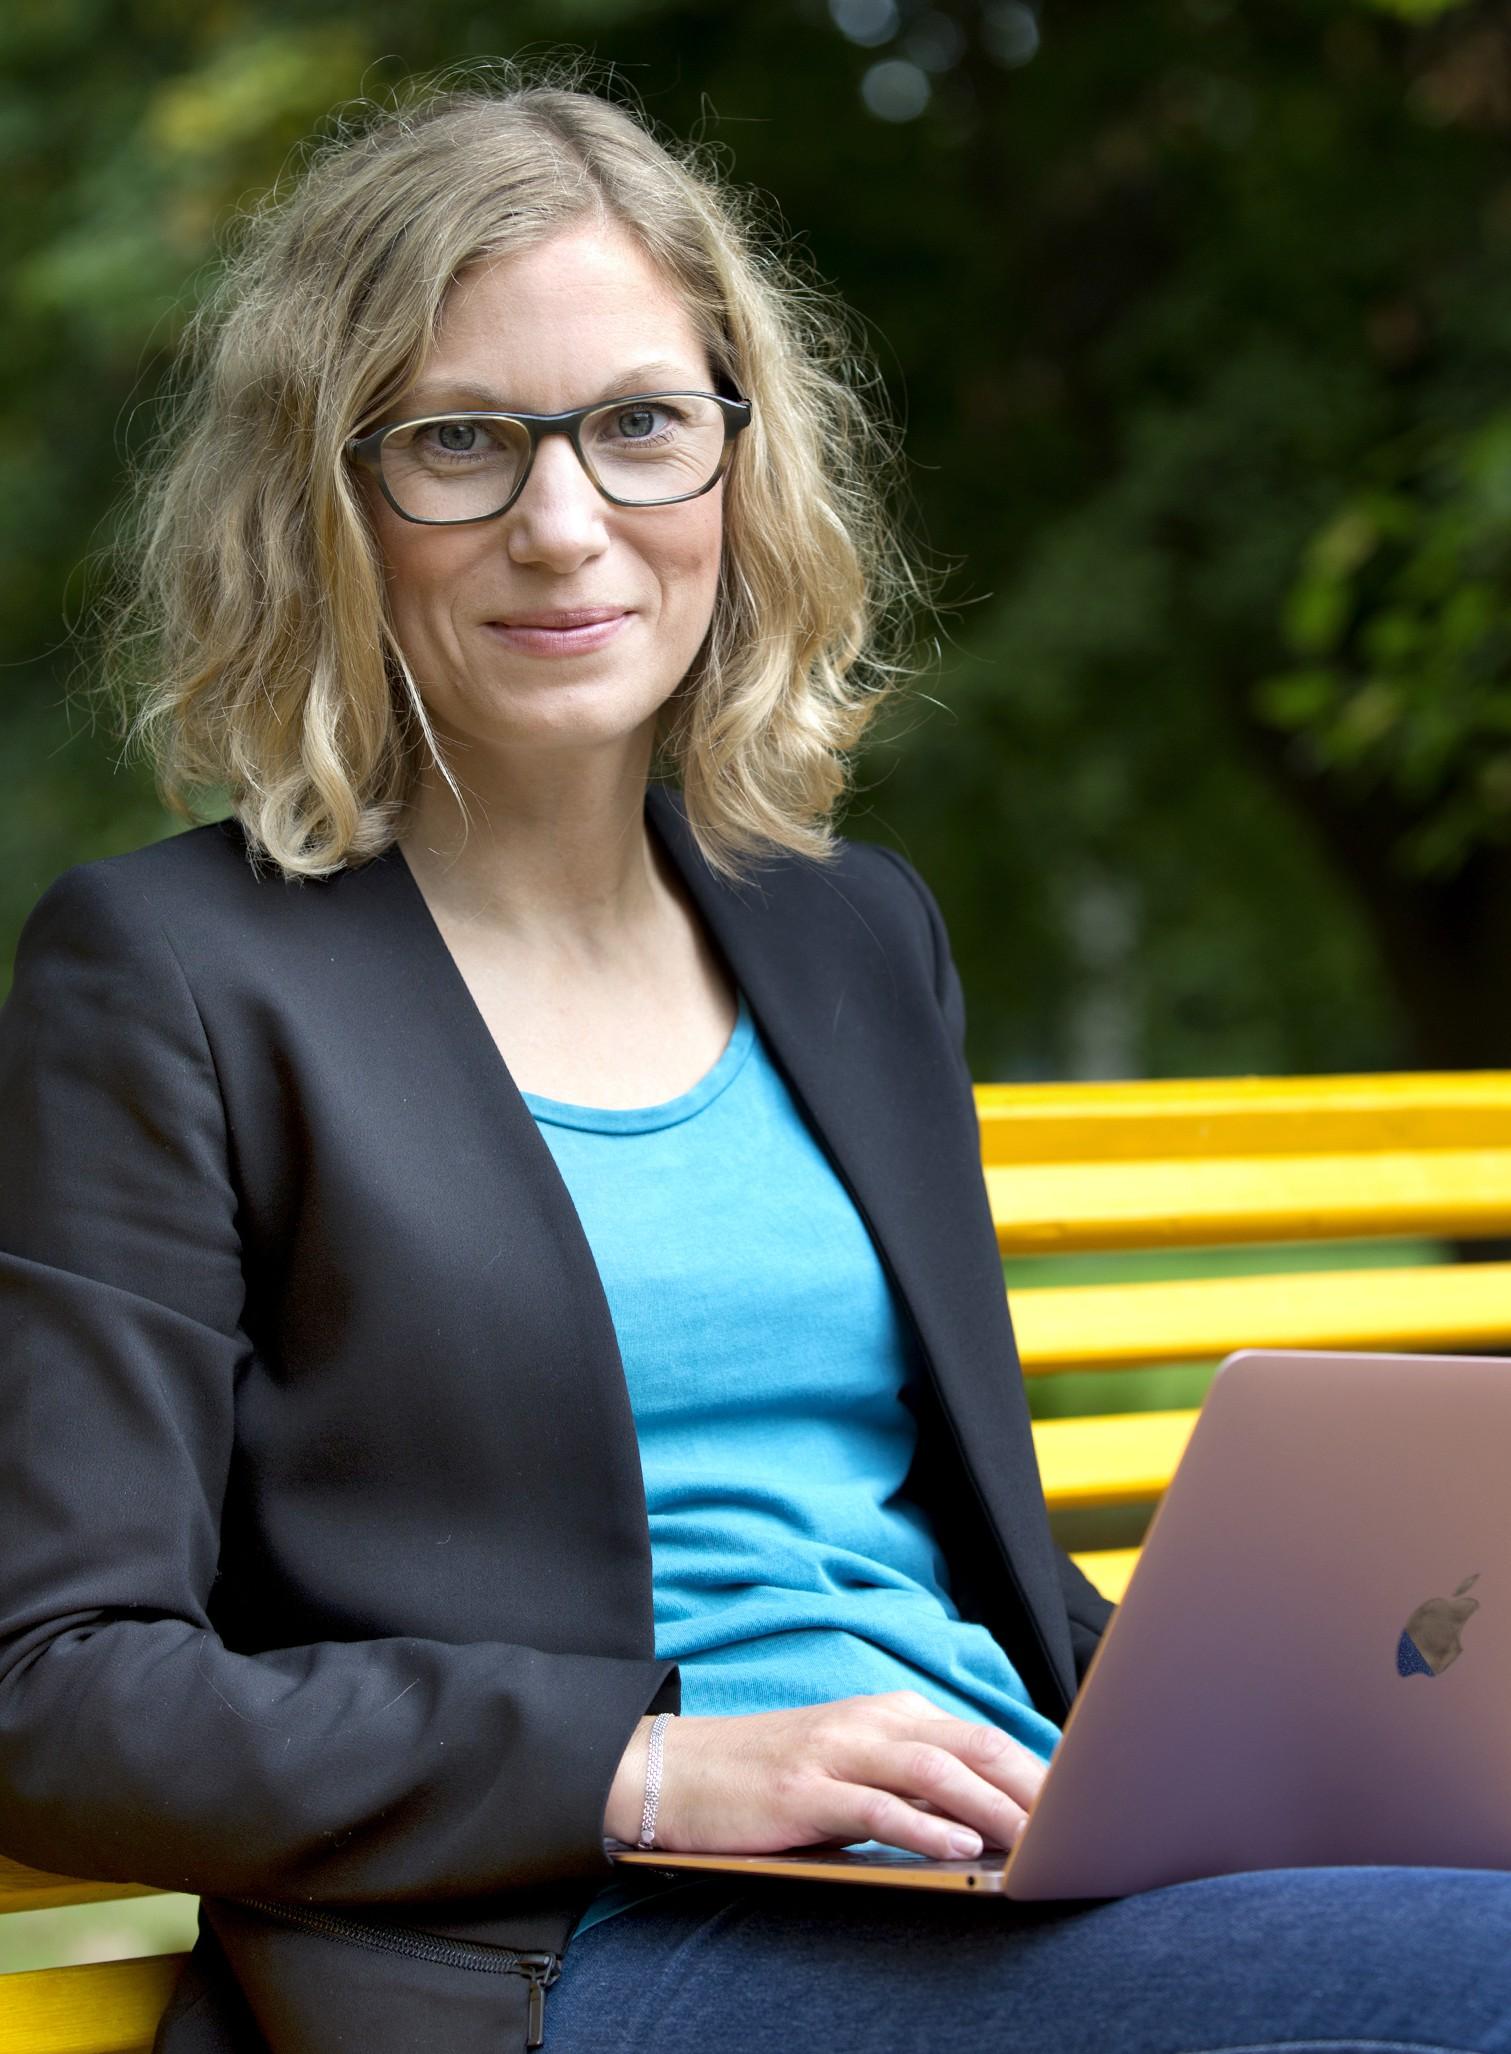 bild Hanna Lundquist med dator, språkkonsult textexpert skribent språkgranskare journalist språkvetare